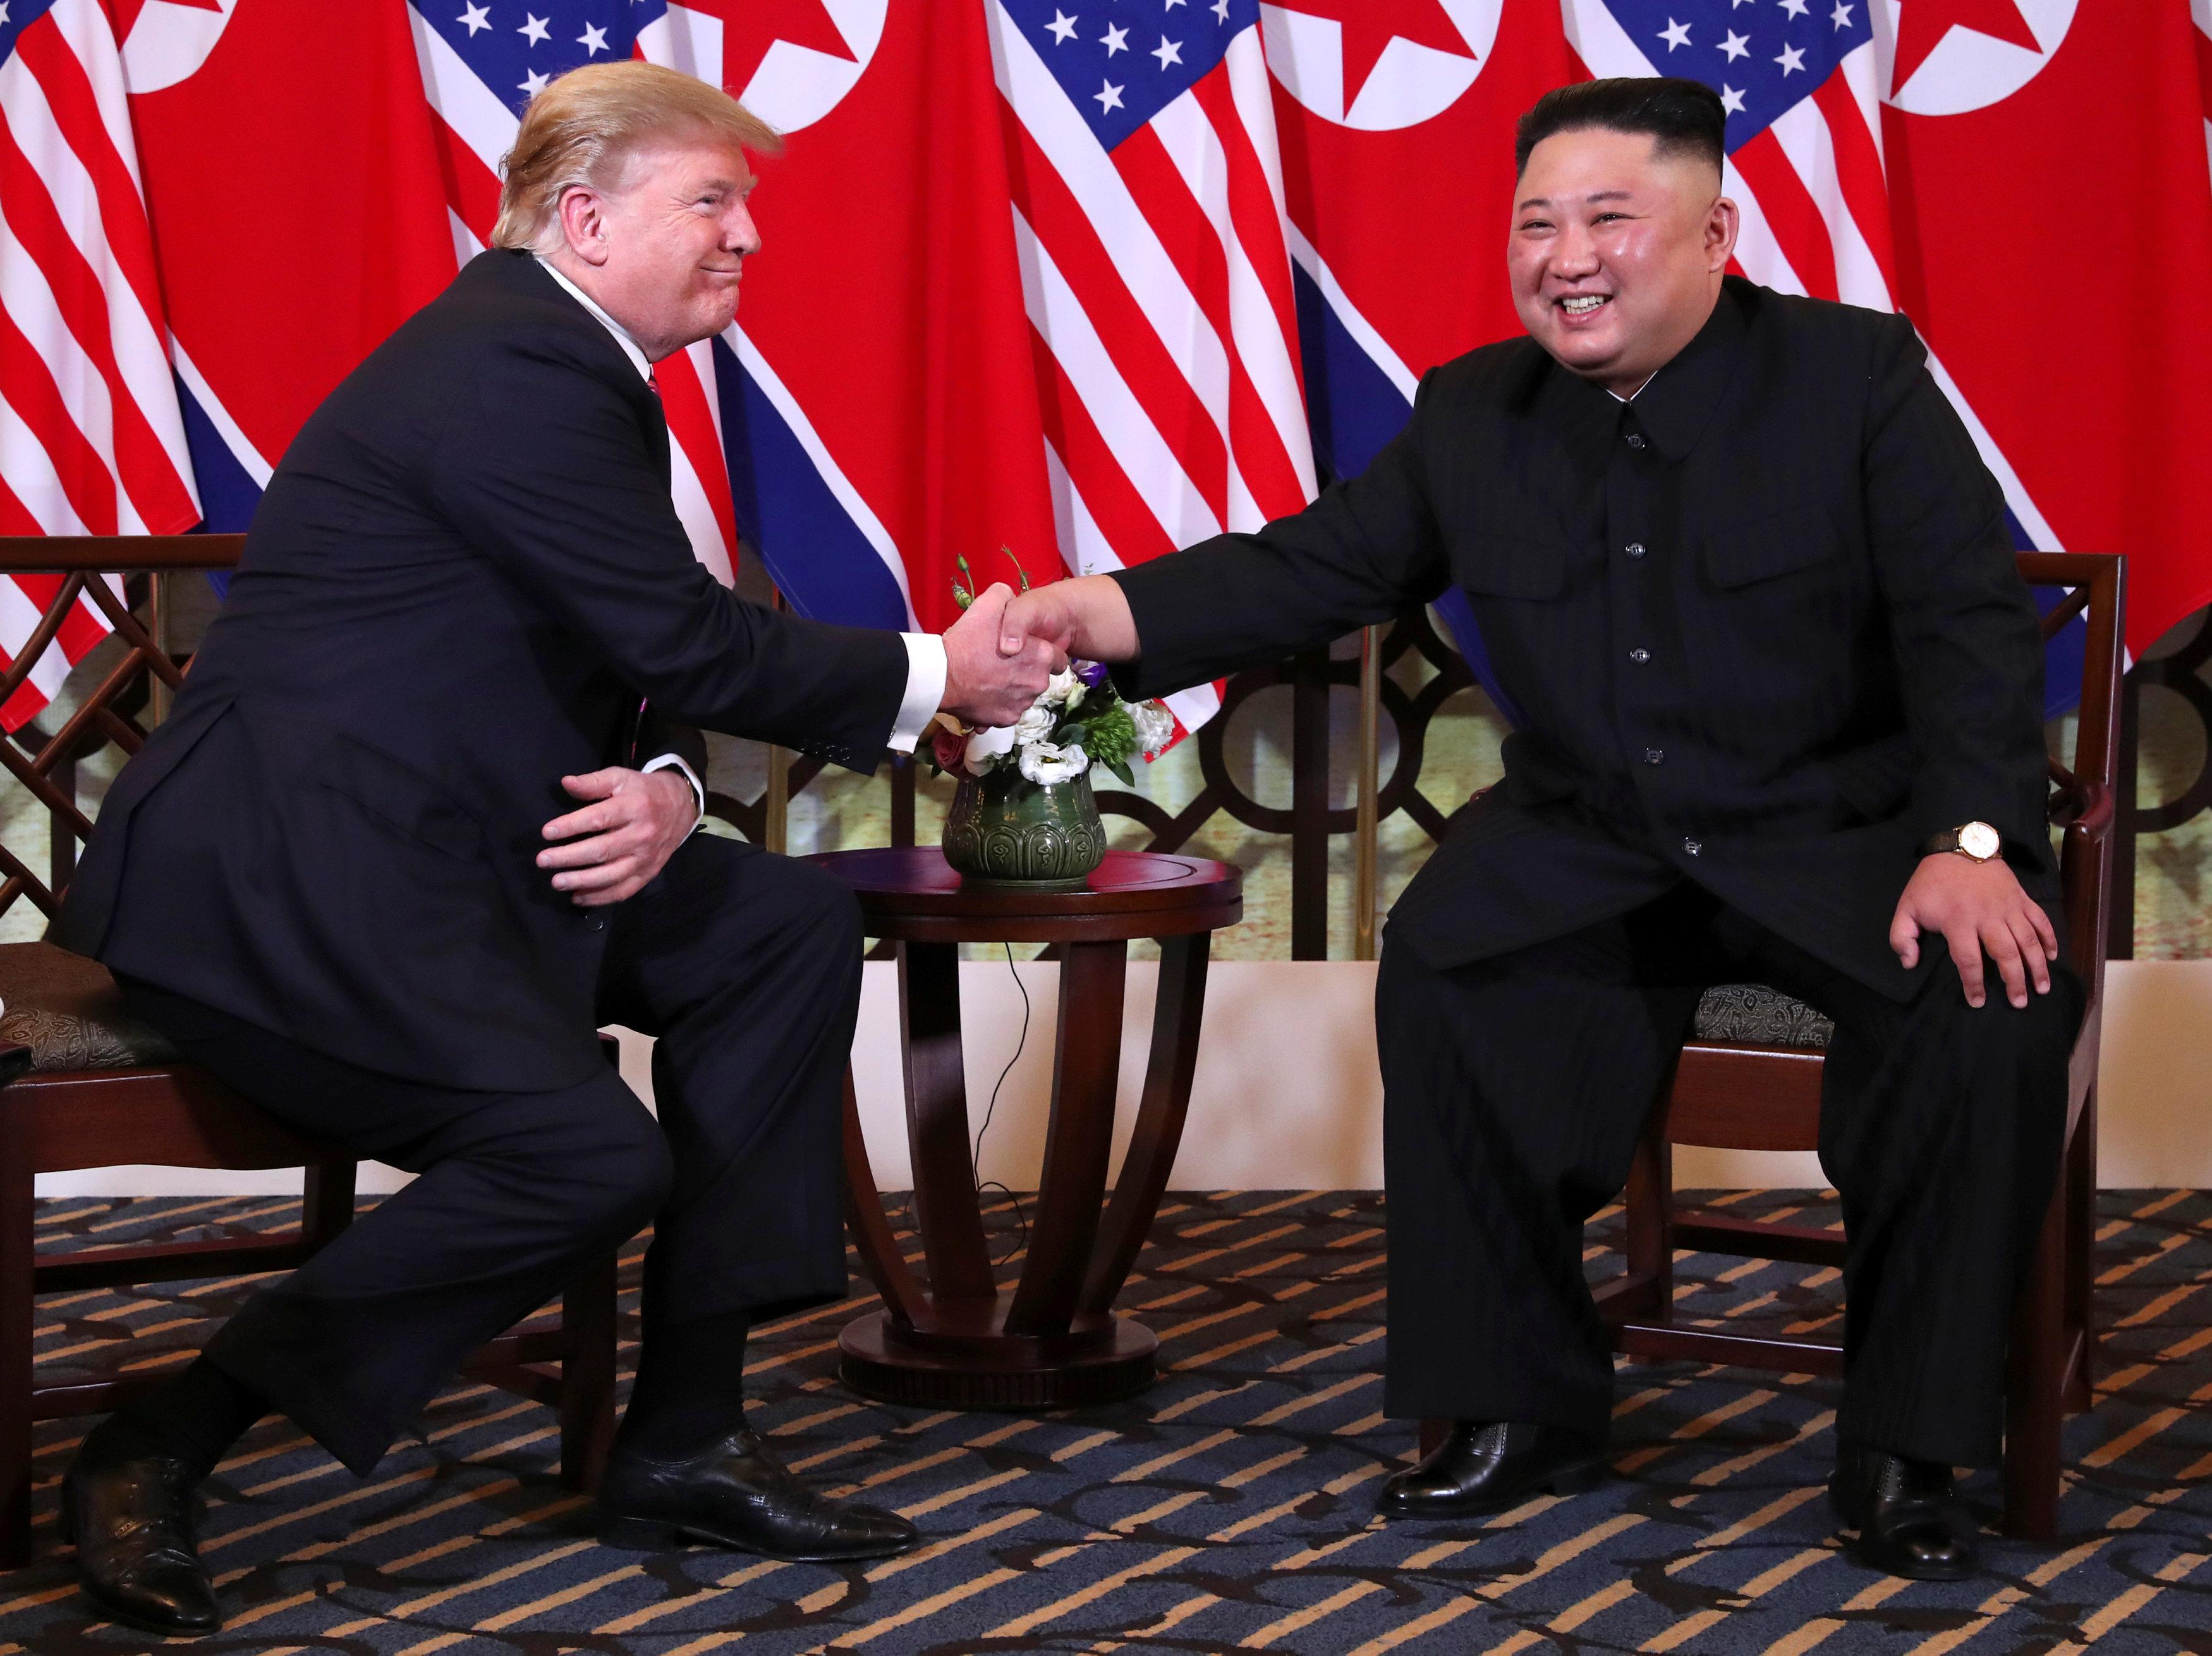 الرئيس الأمريكى يصافح زعيم كوريا الشمالية